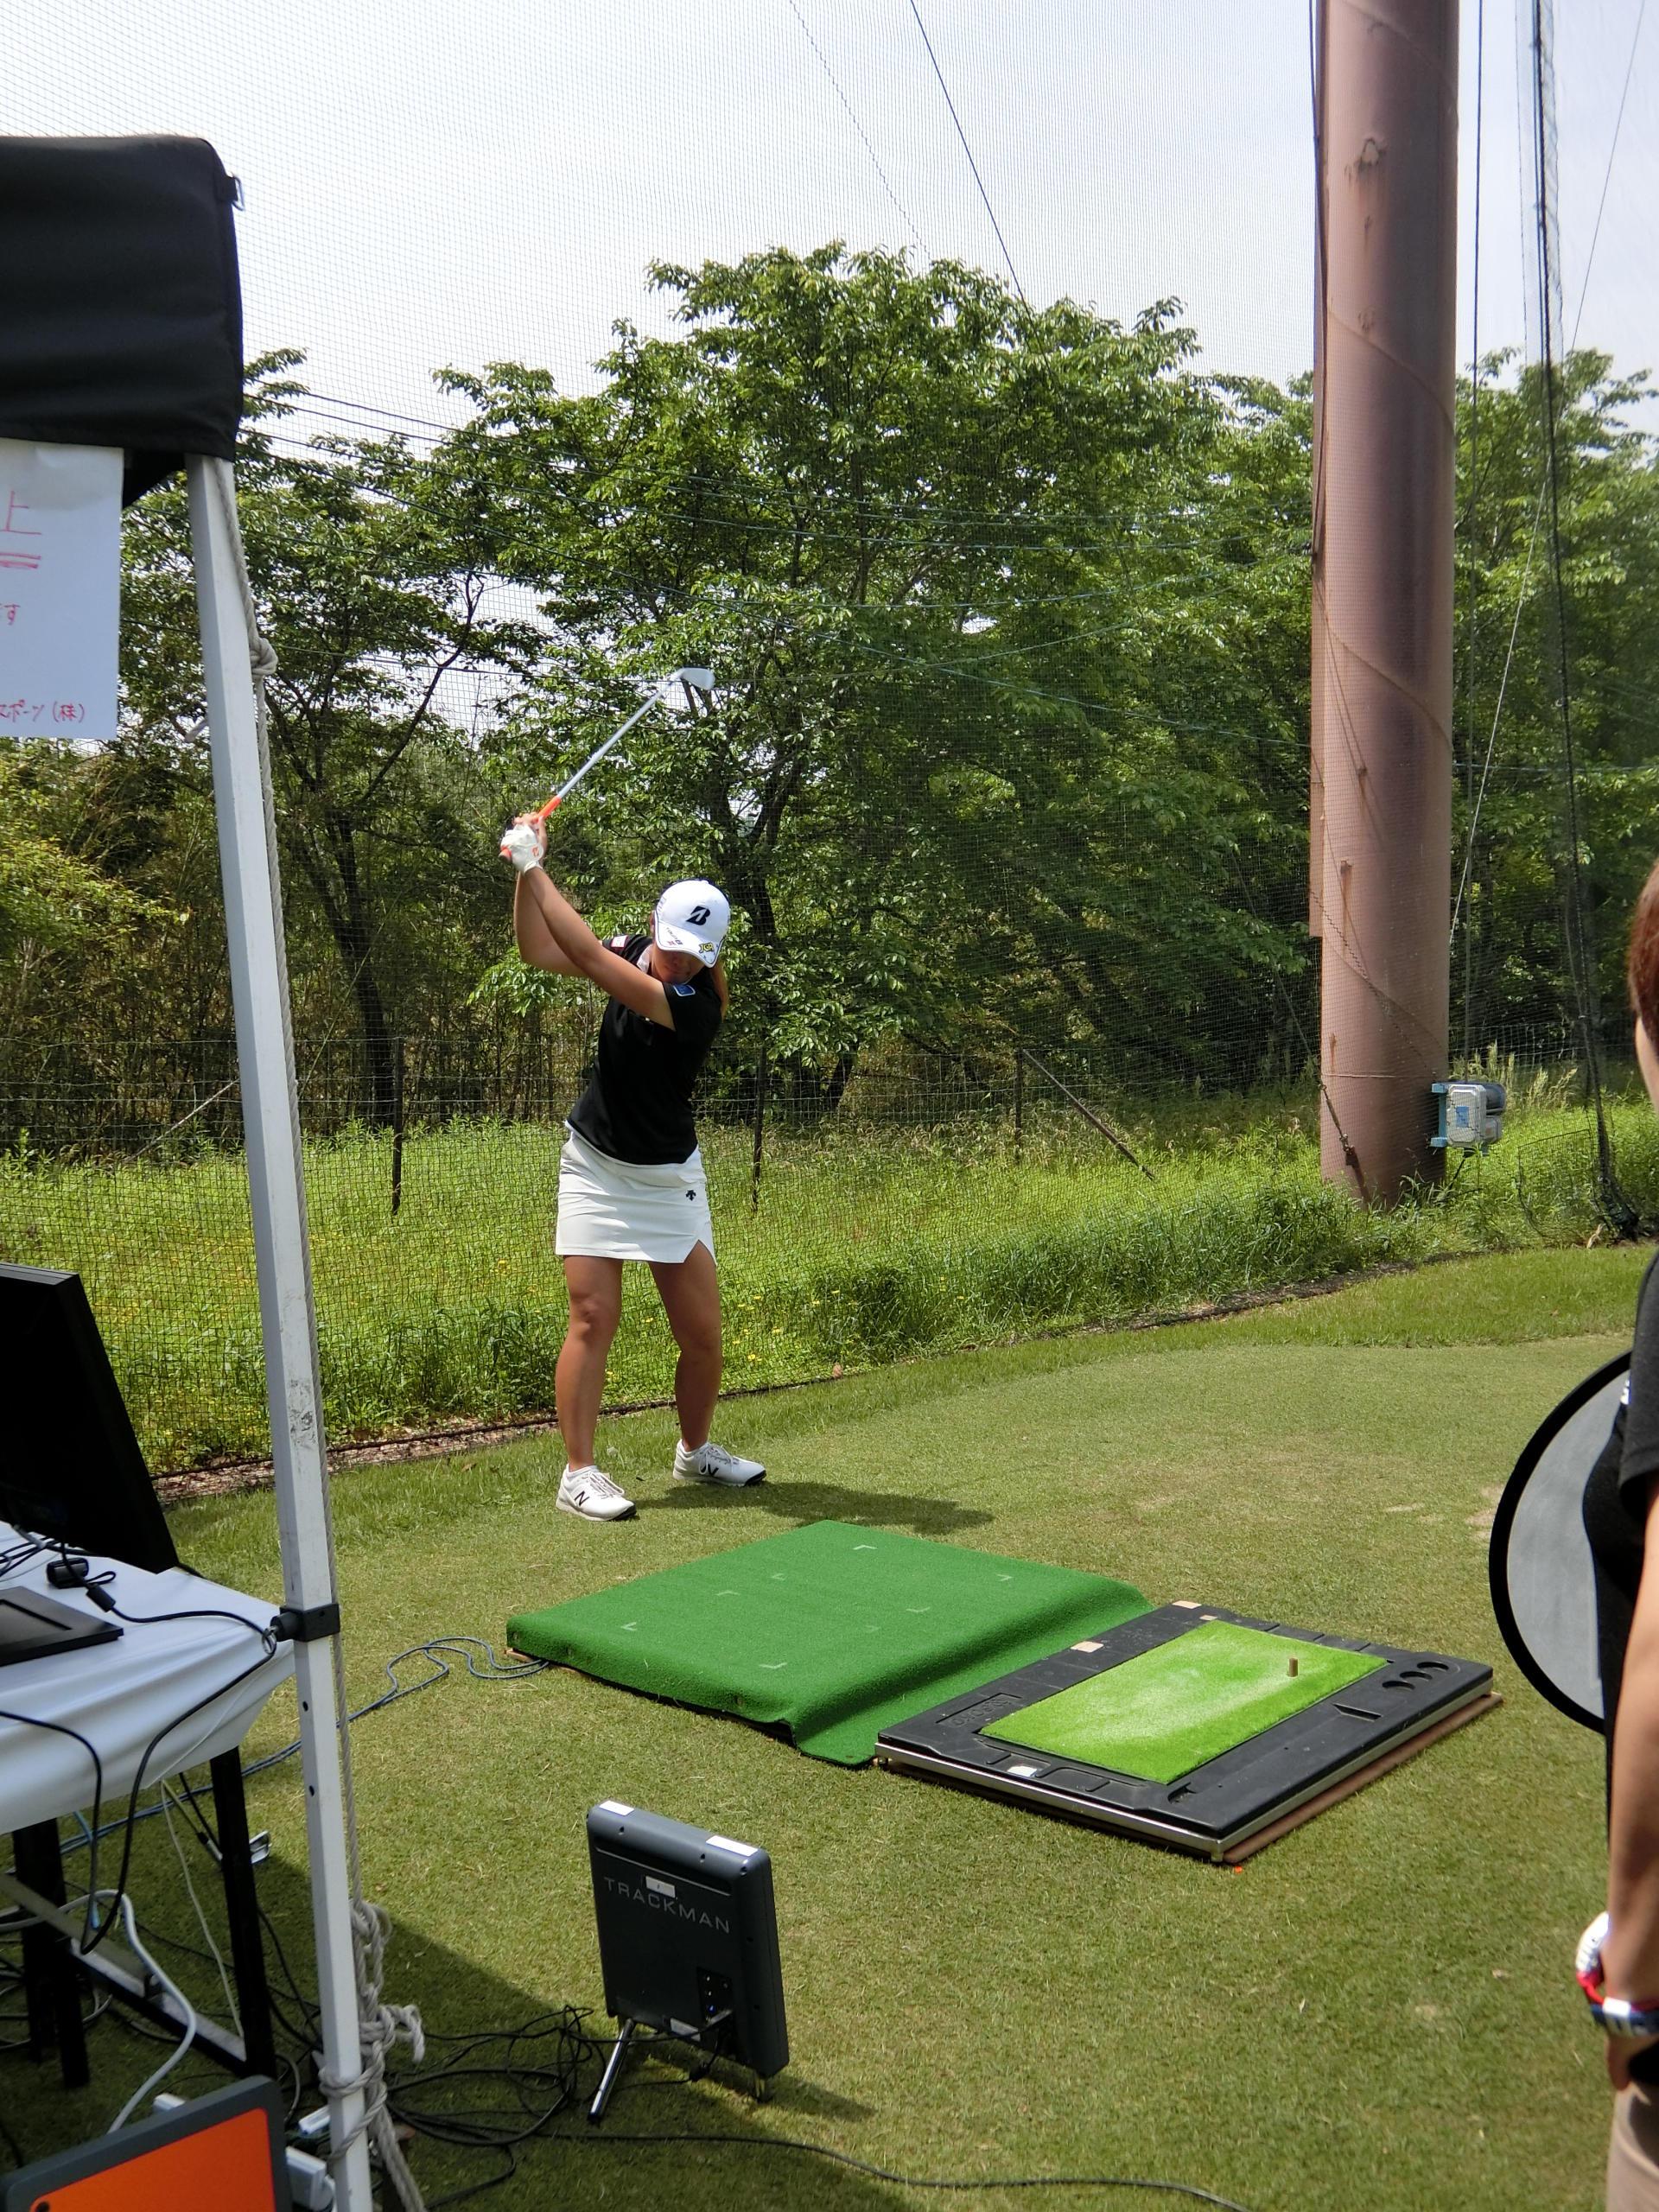 http://www.bs-golf.com/pro/5f6fb7e3d376cafb3701b9e885a3127aaff80d96.JPG